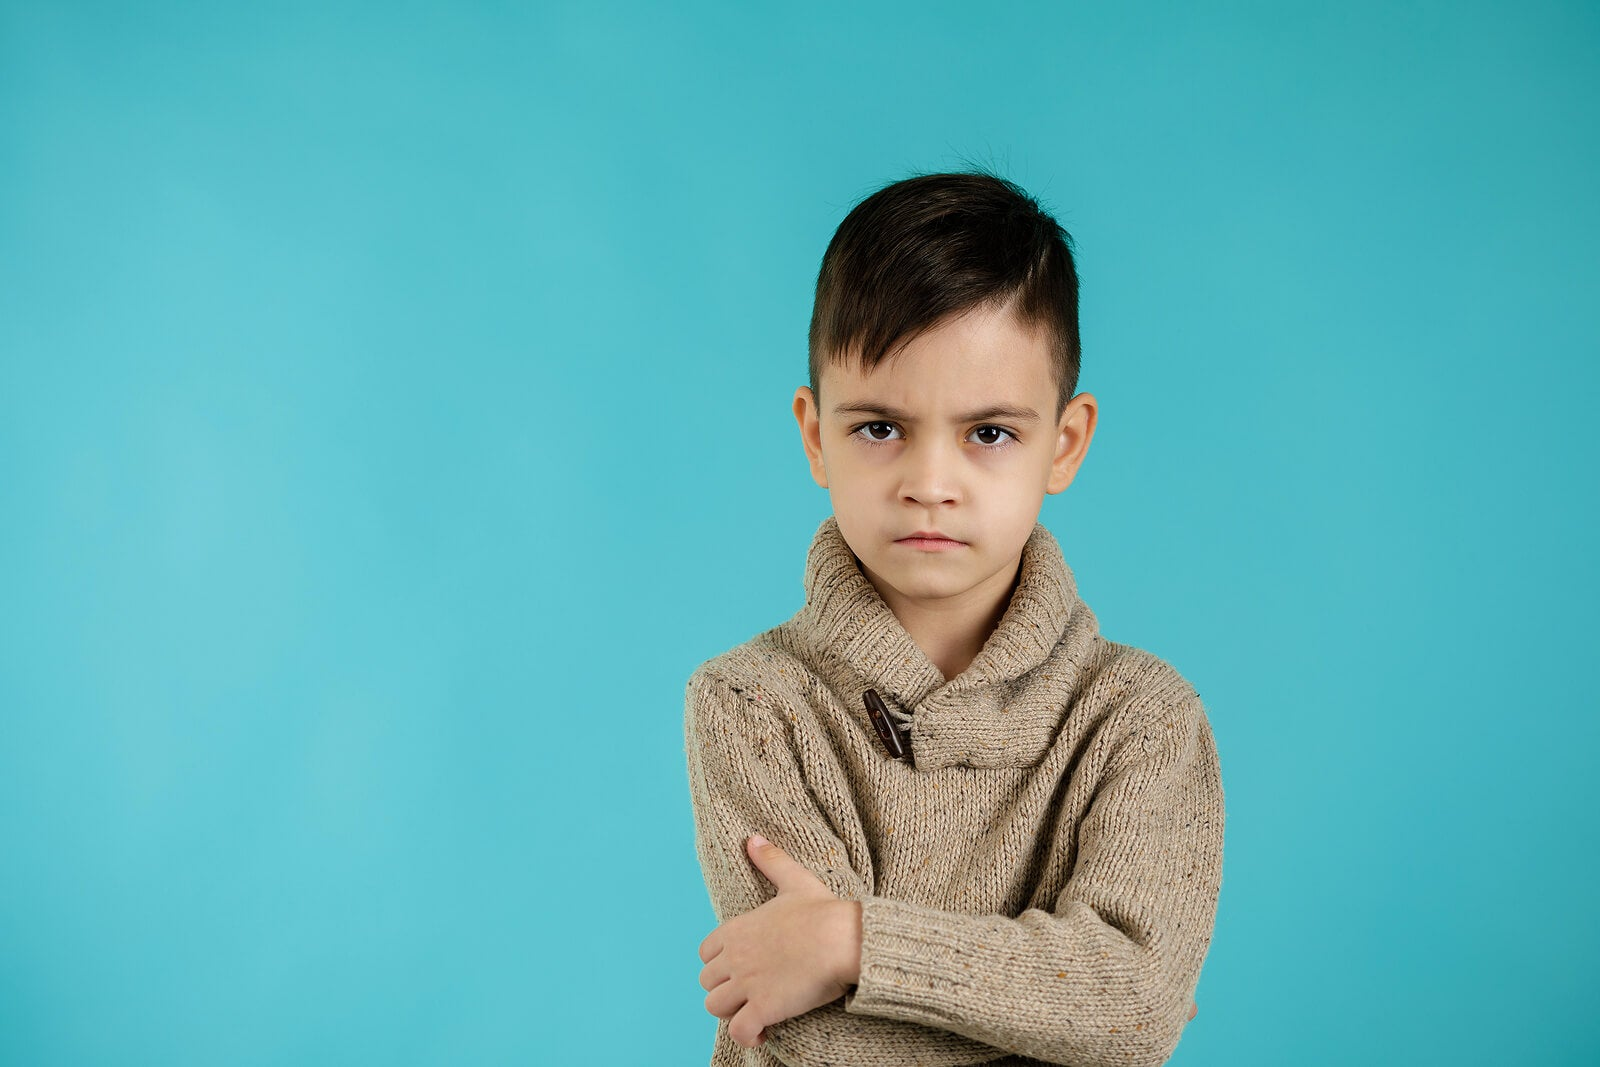 Niño sufriendo regresiones infantiles.